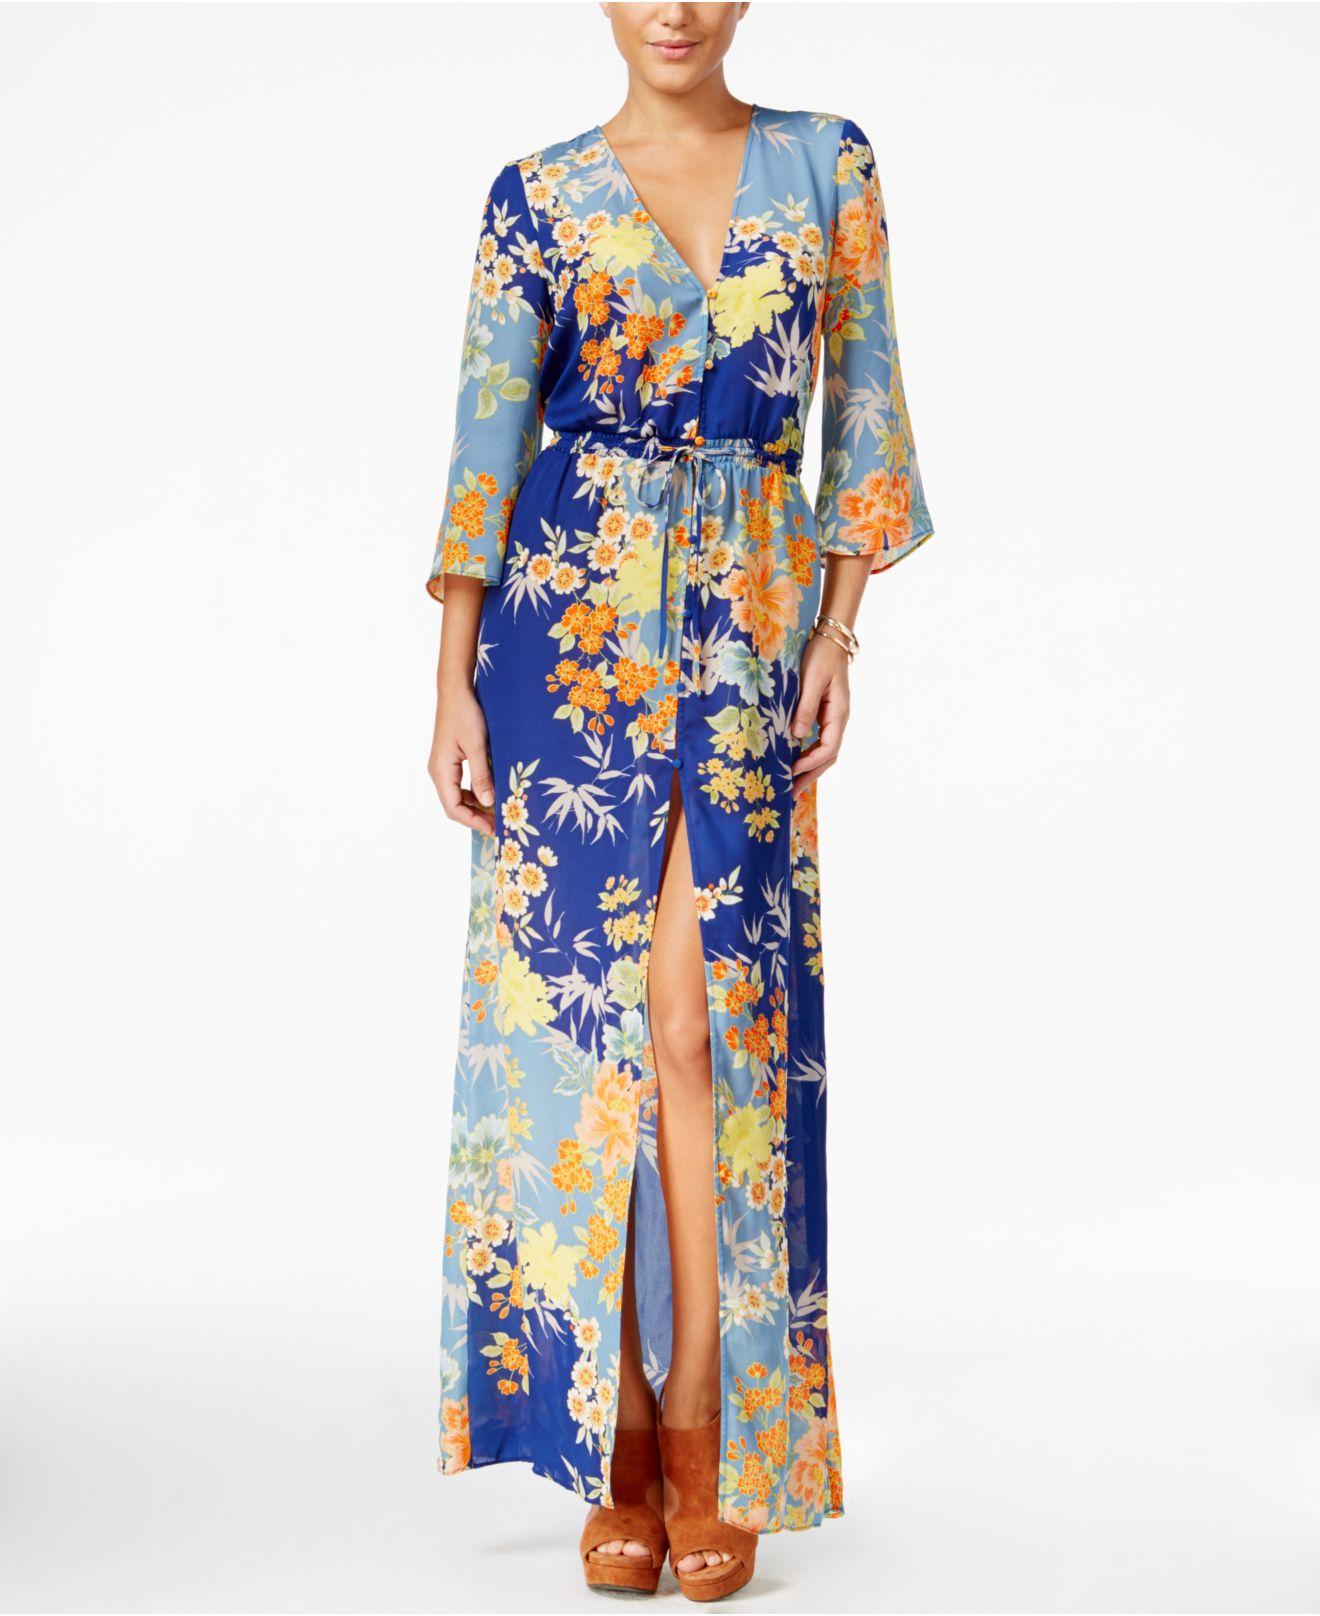 86fefd61c35d Guess Constanze Printed Bell-sleeve Maxi Dress - Lyst